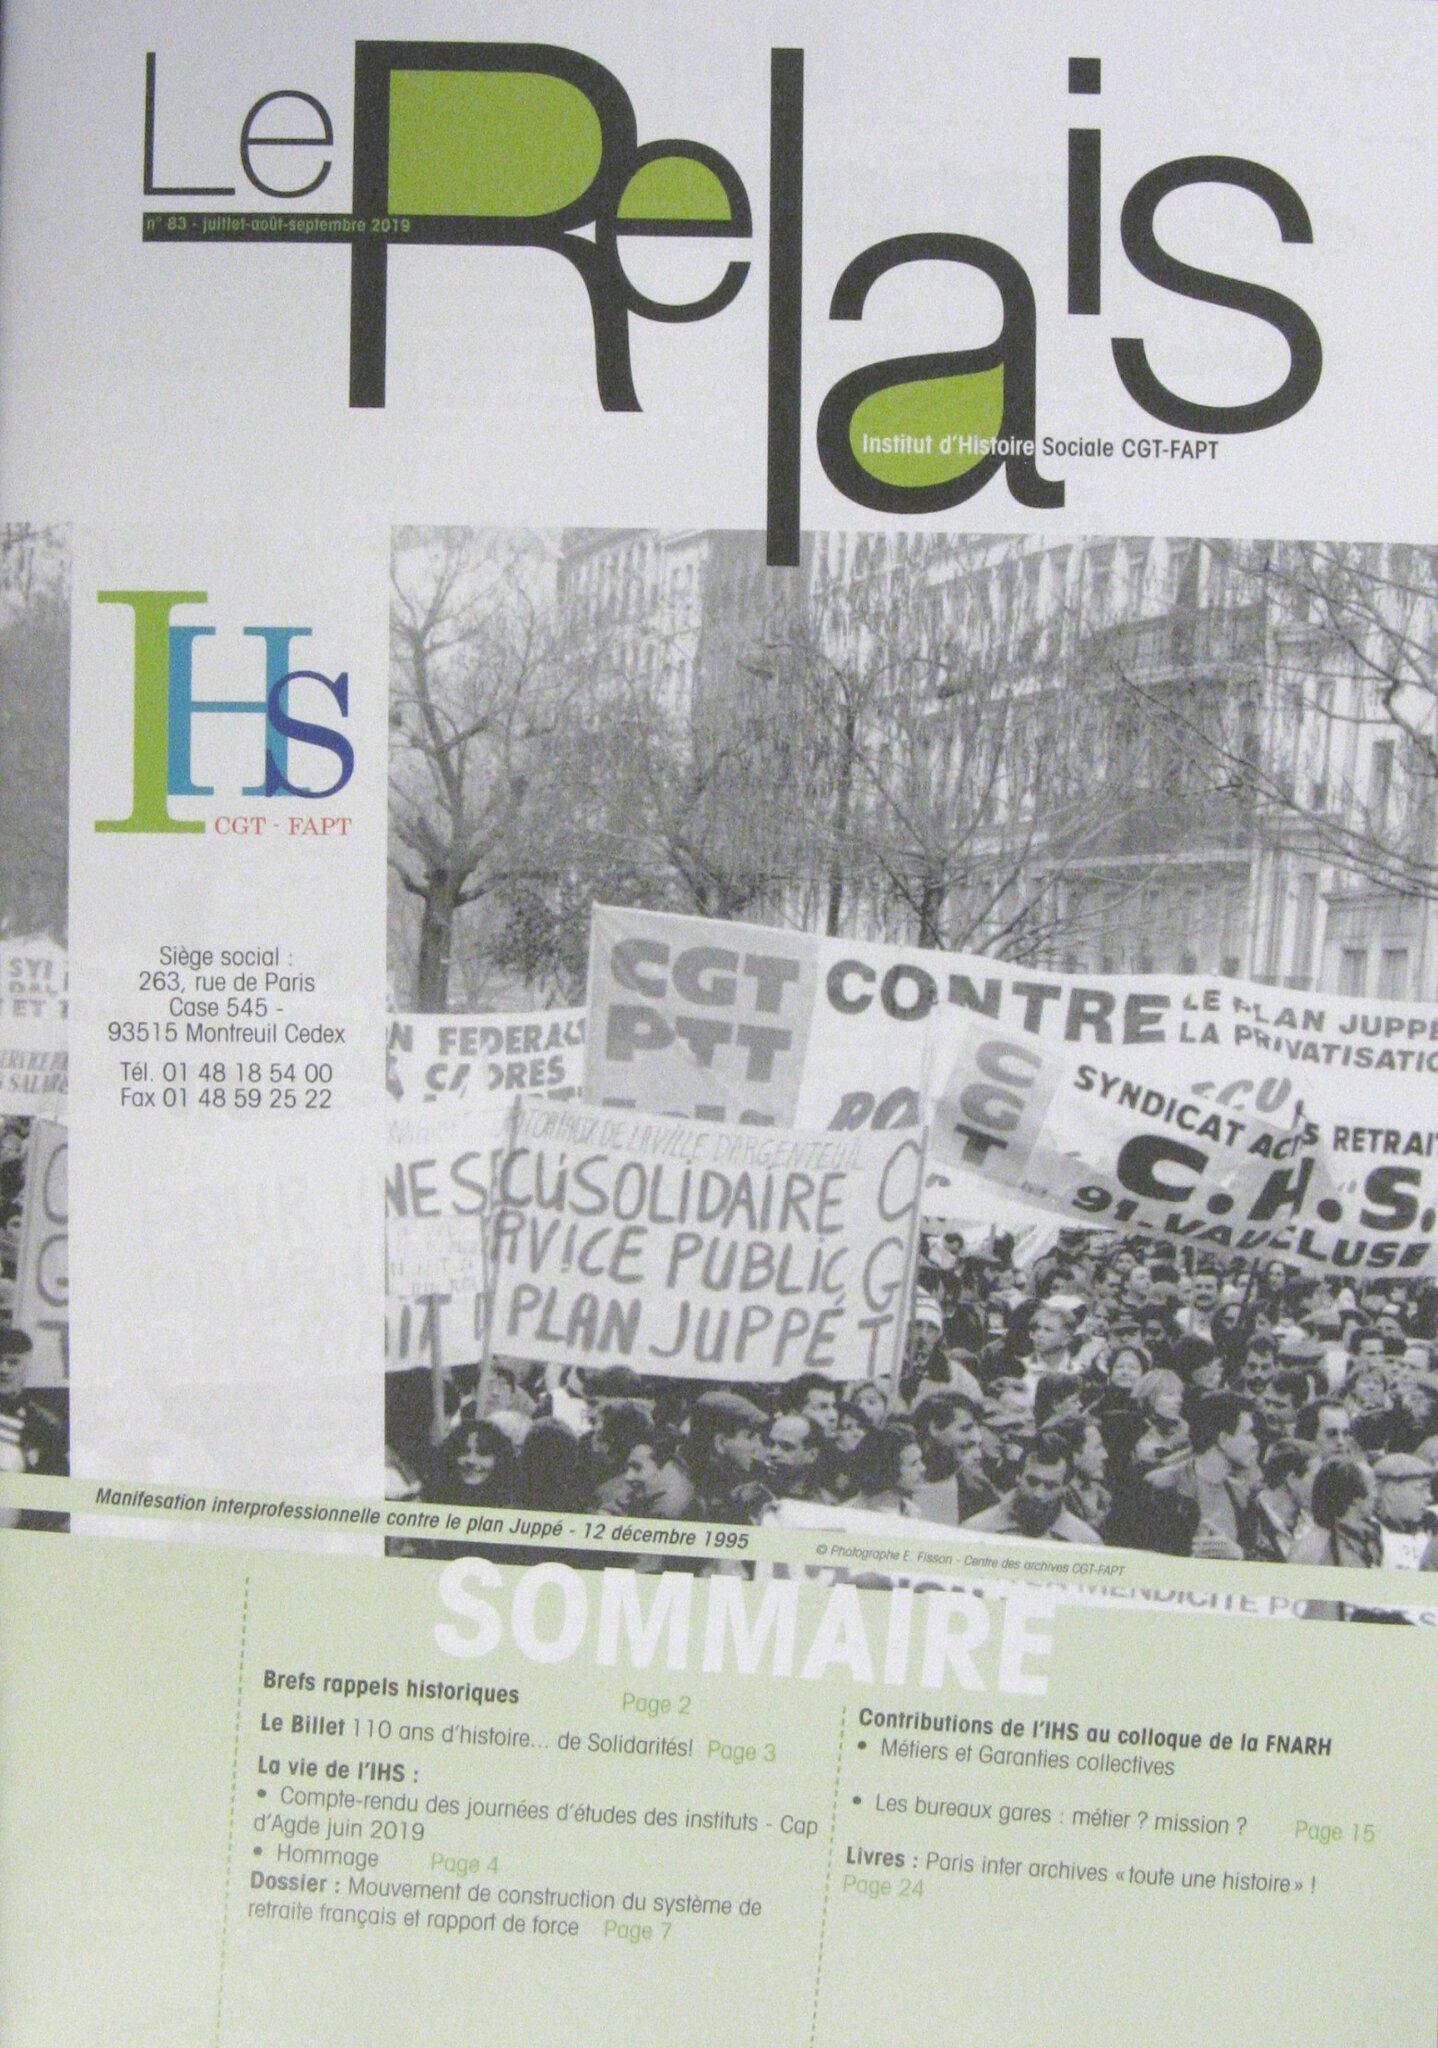 Le Relais n°83 aout-septembre 2019 est paru